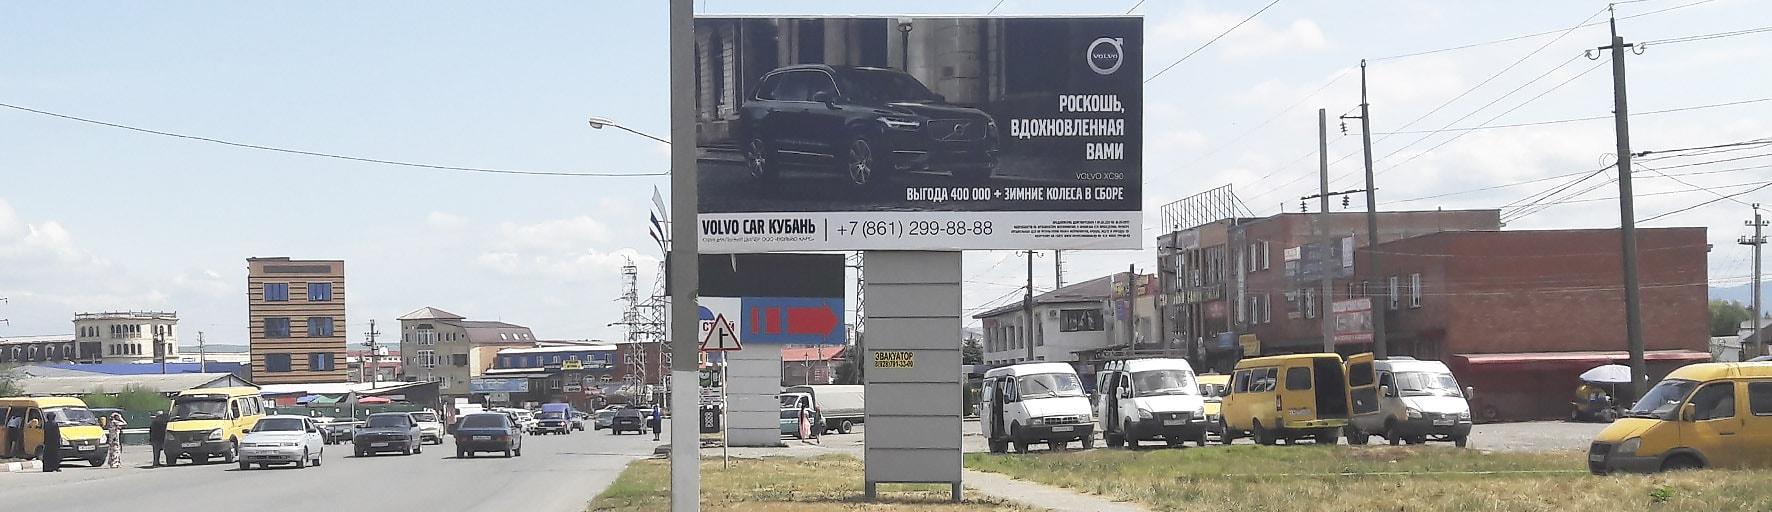 Наружная реклама в Чечне, Ингушетии, Осетии 3х6